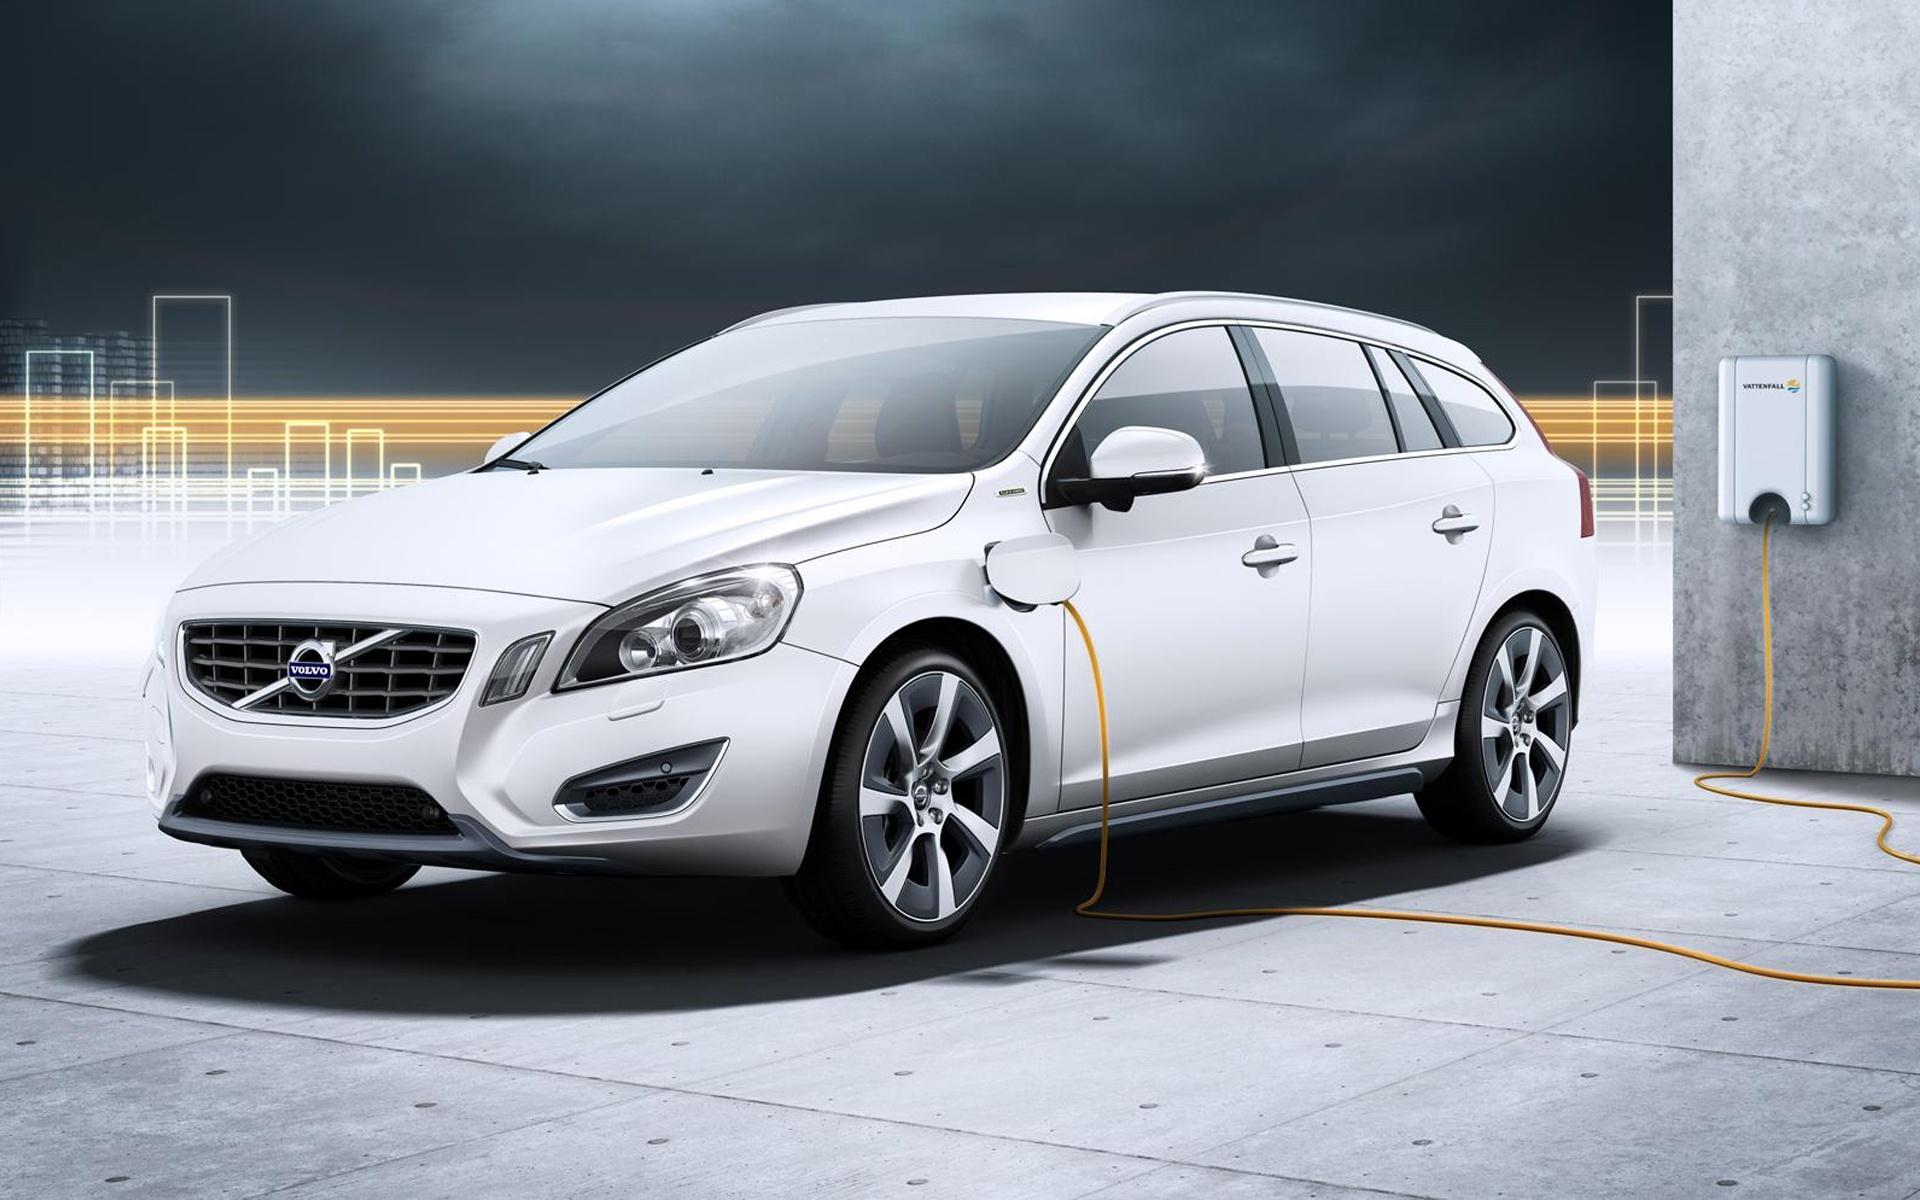 Lets Fuel Up Volvo Car Hd Wallpaper |